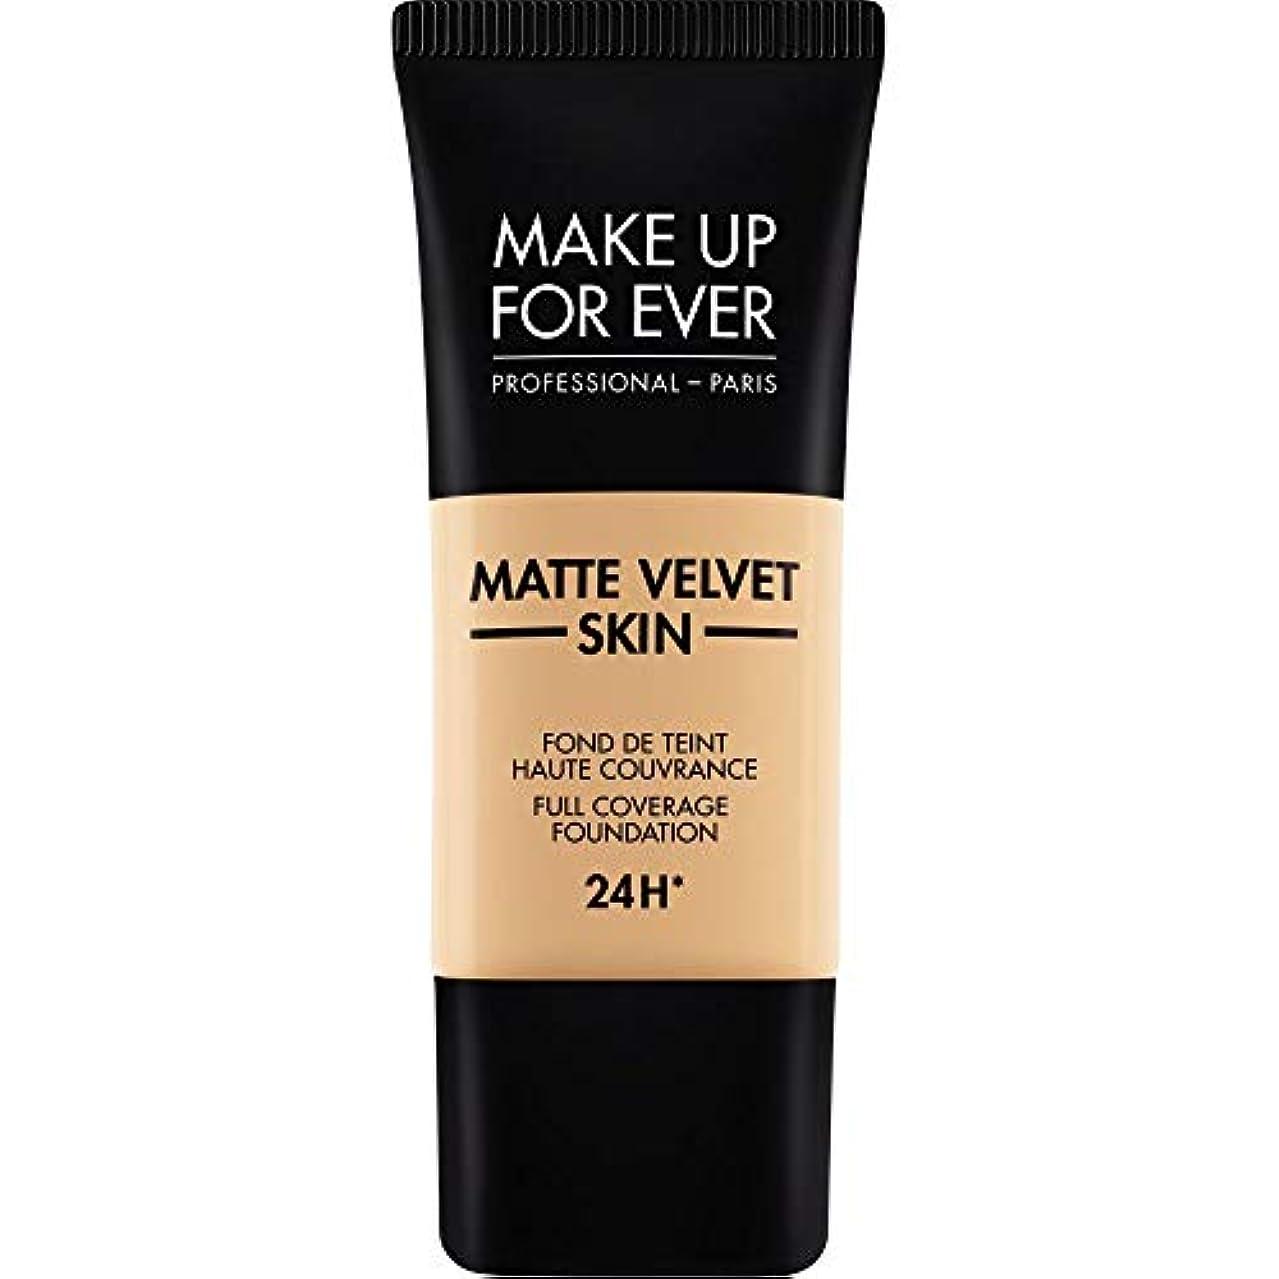 メナジェリー刃後ろに[MAKE UP FOR EVER ] 暗い砂 - これまでマットベルベットの皮膚のフルカバレッジ基礎30ミリリットルのY335を補います - MAKE UP FOR EVER Matte Velvet Skin Full Coverage Foundation 30ml Y335 - Dark Sand [並行輸入品]